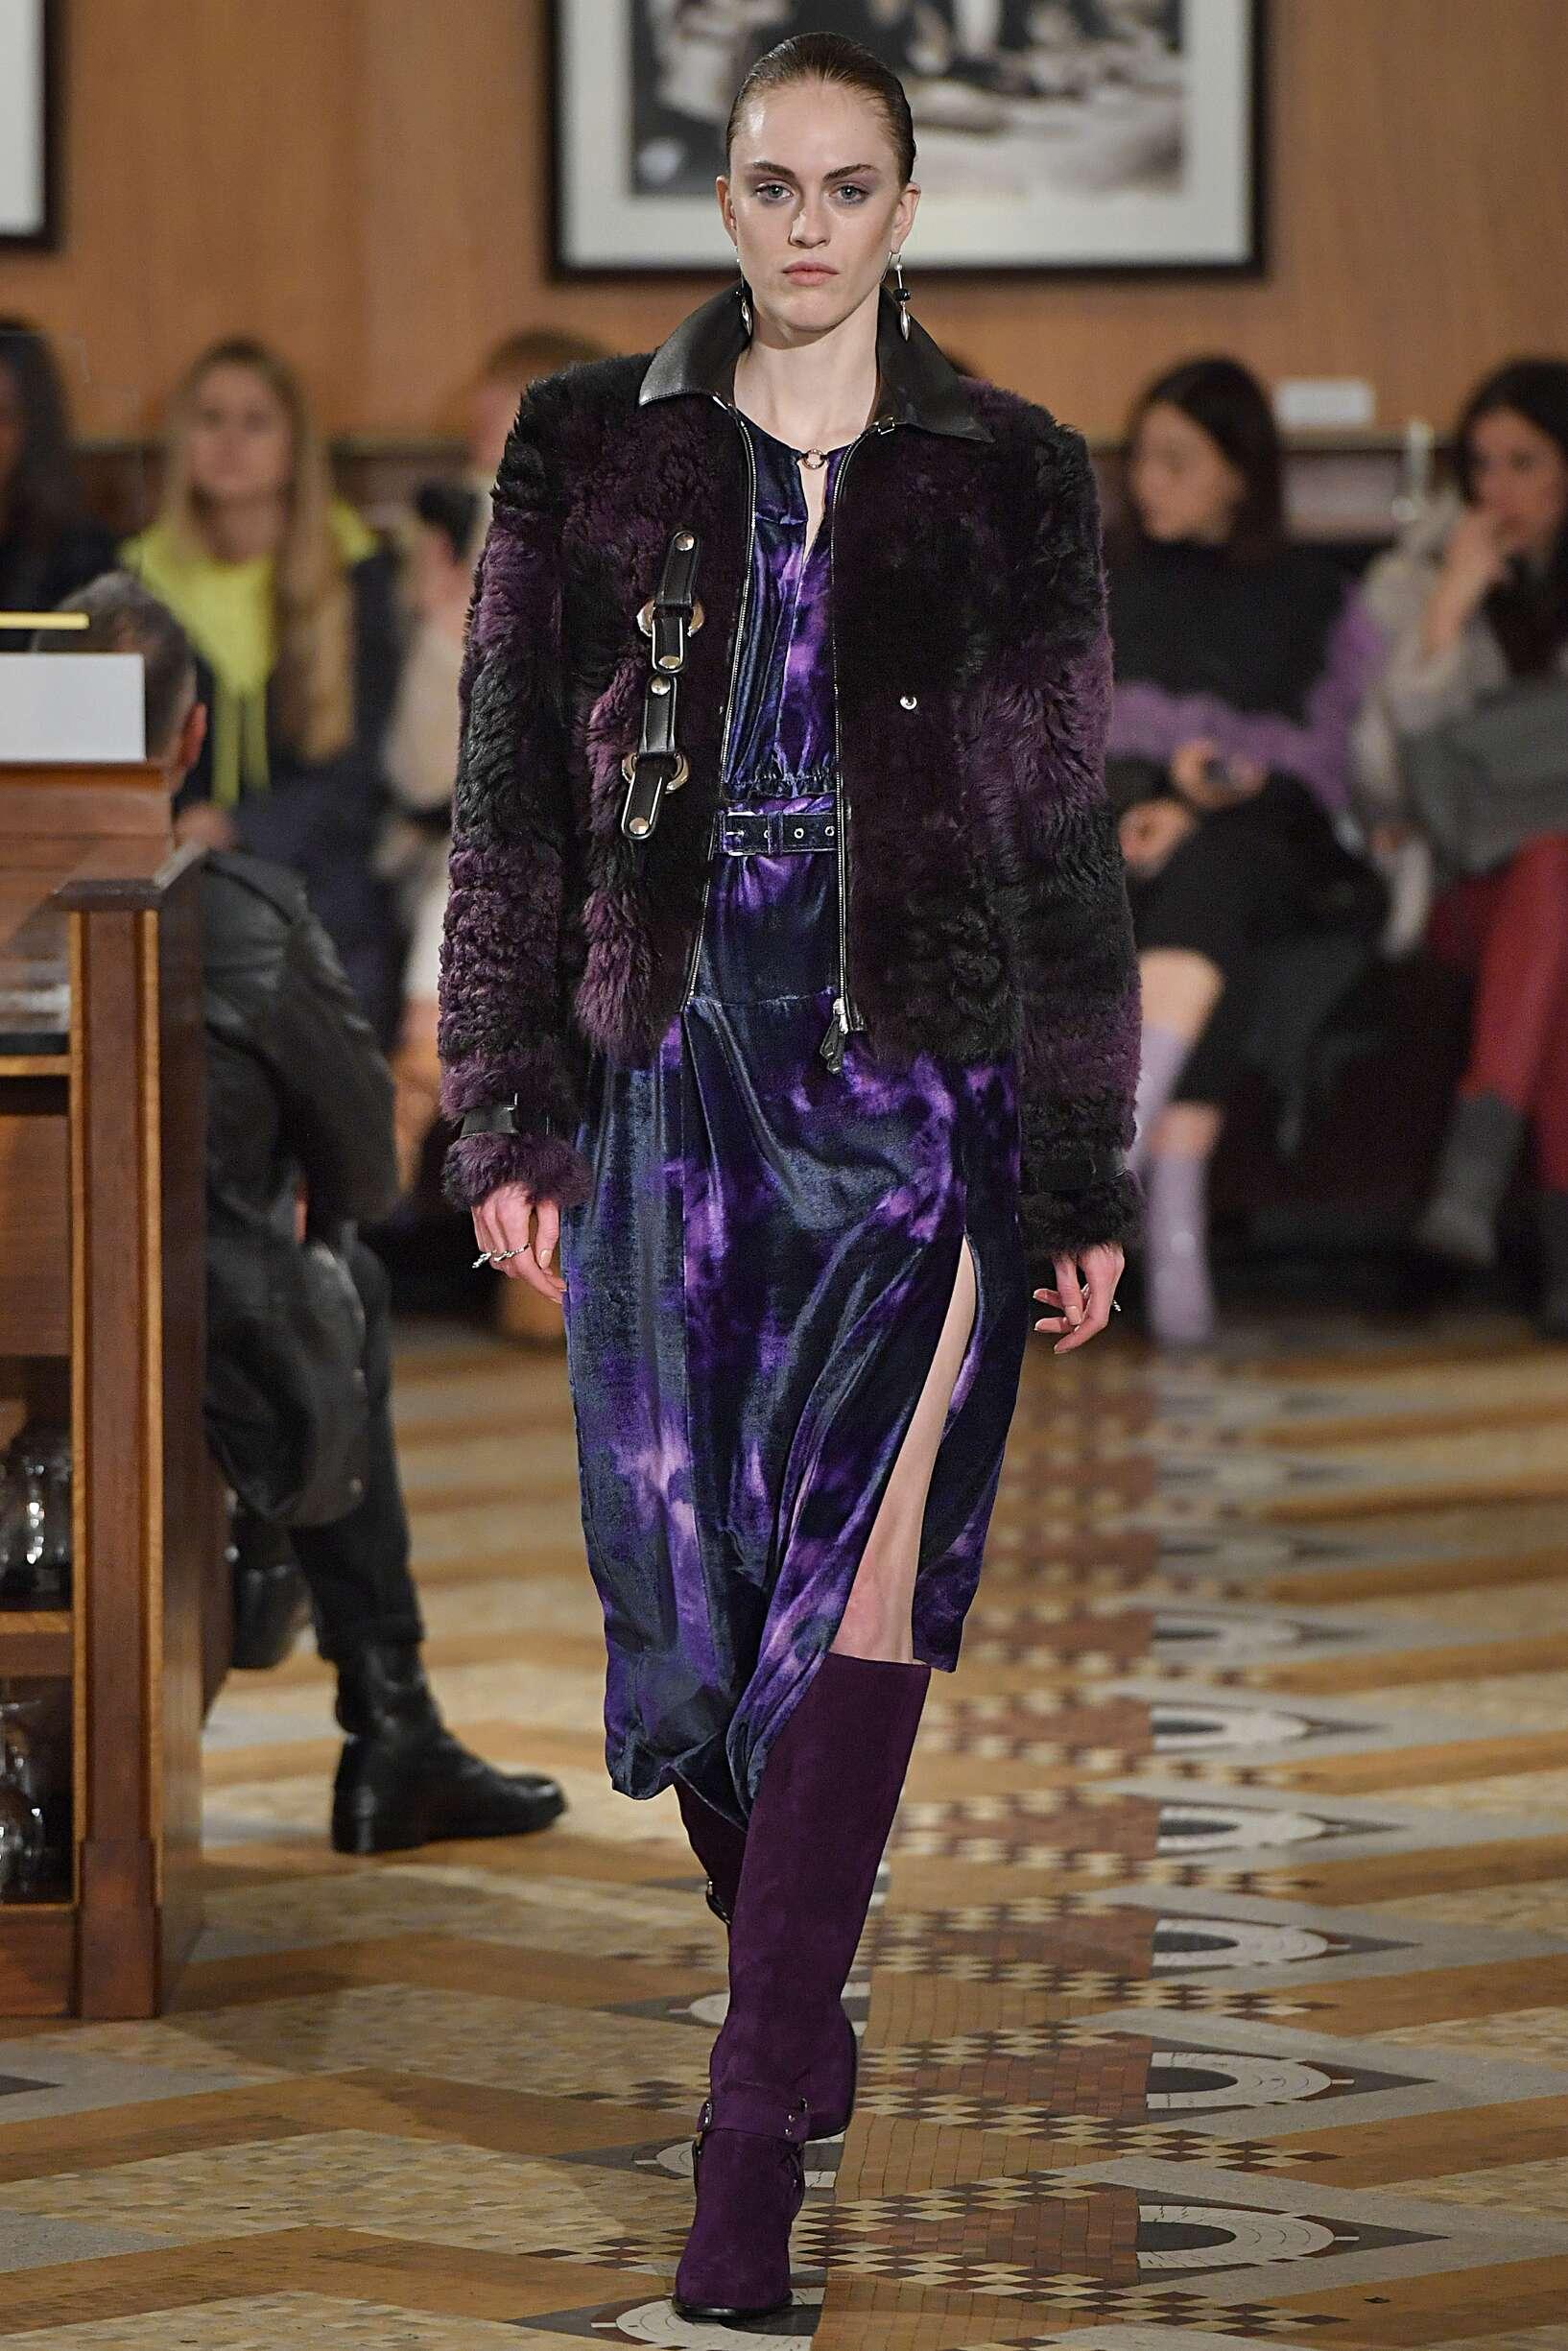 Fashion Woman Model Altuzarra Catwalk